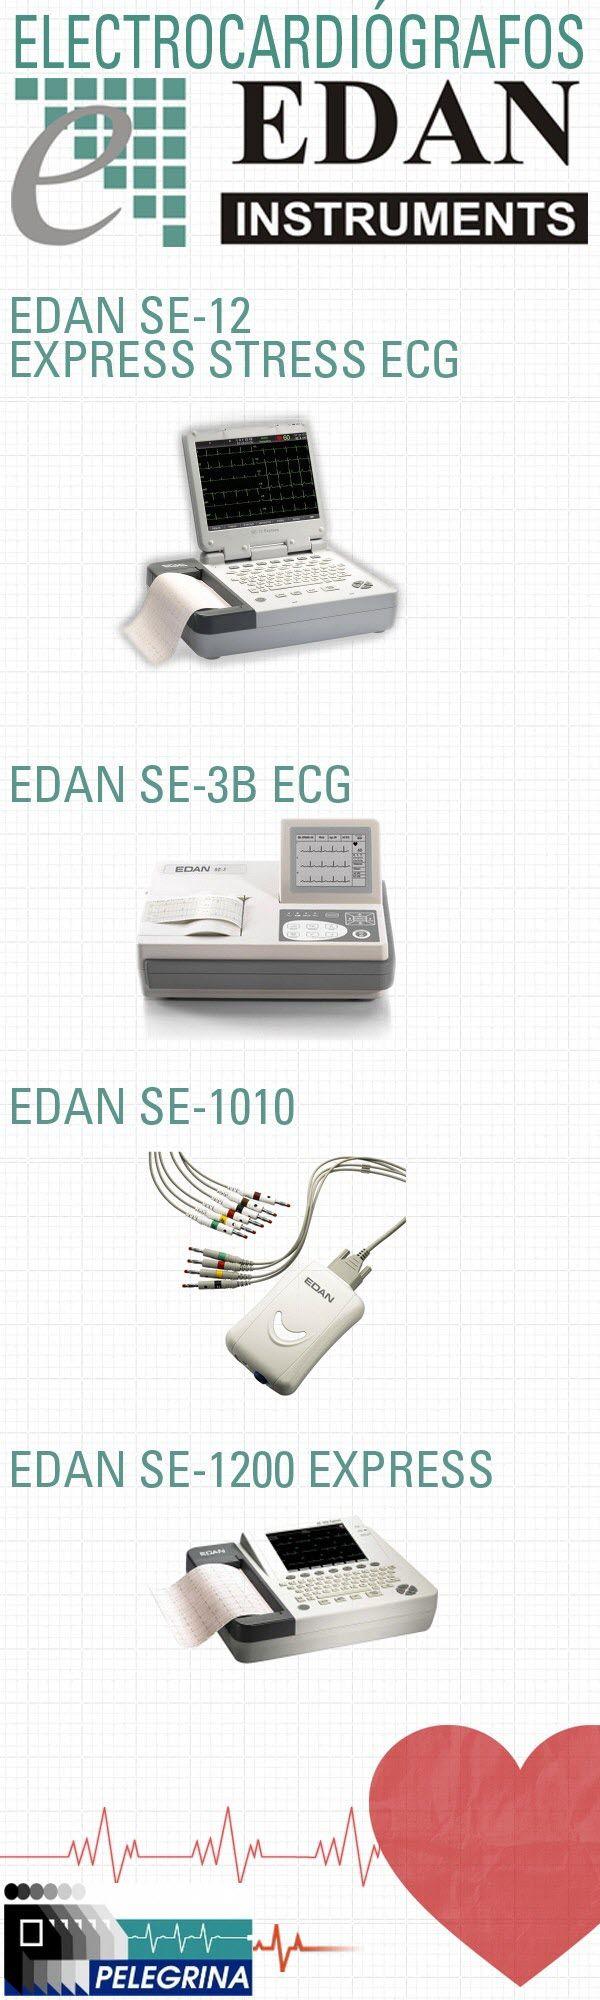 Un electrocardiograma, conocido por sus siglas como ECG o EKG, es un examen sencillo y rápido que registra la actividad eléctrica y variada del corazón. Estas variaciones se captan con unos electrodos a nivel de la superficie de la piel, y a través de los conductores llega al electrocardiógrafo que mide las potenciales de acción del corazón y lo registra. Electrocardiógrafos EDAN: http://www.pelegrinamedical.com/store/c/223-Edan-ECG.aspx